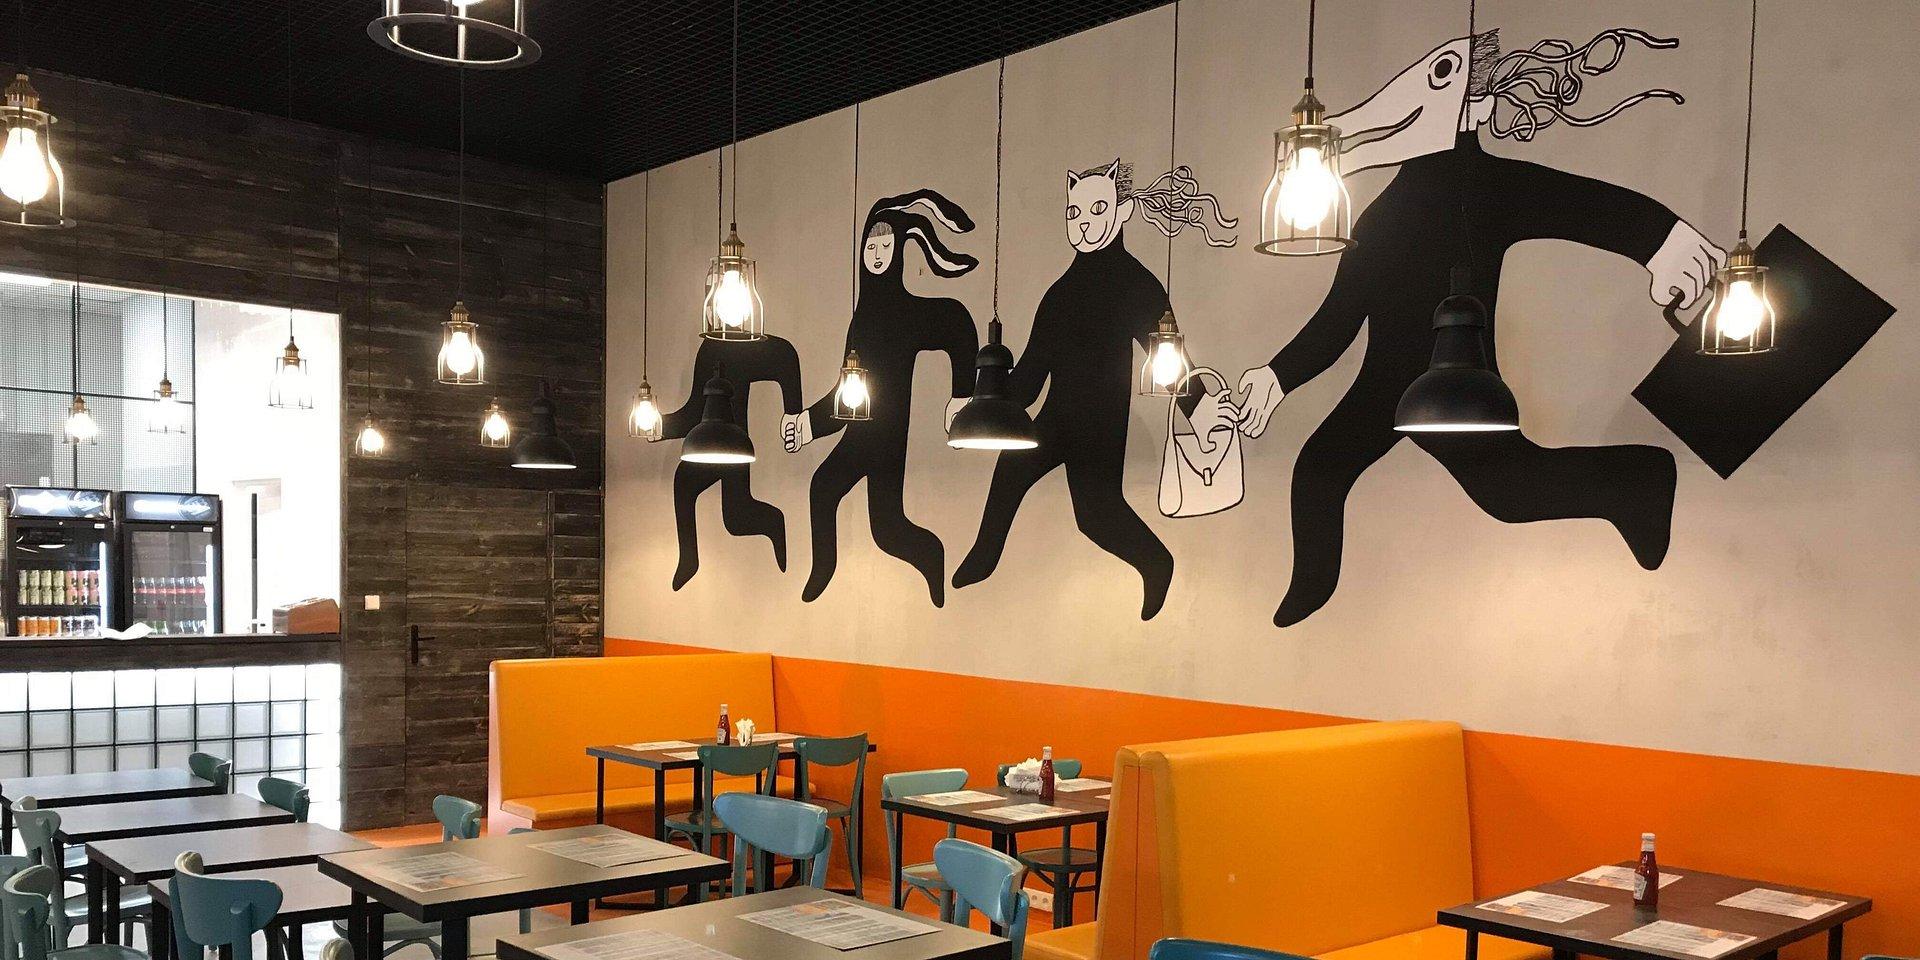 2877c36cb8 Drugi lokal sieci Bobby Burger w Poznaniu. Na ścianie mural utalentowanej  artystki z naszego miasta